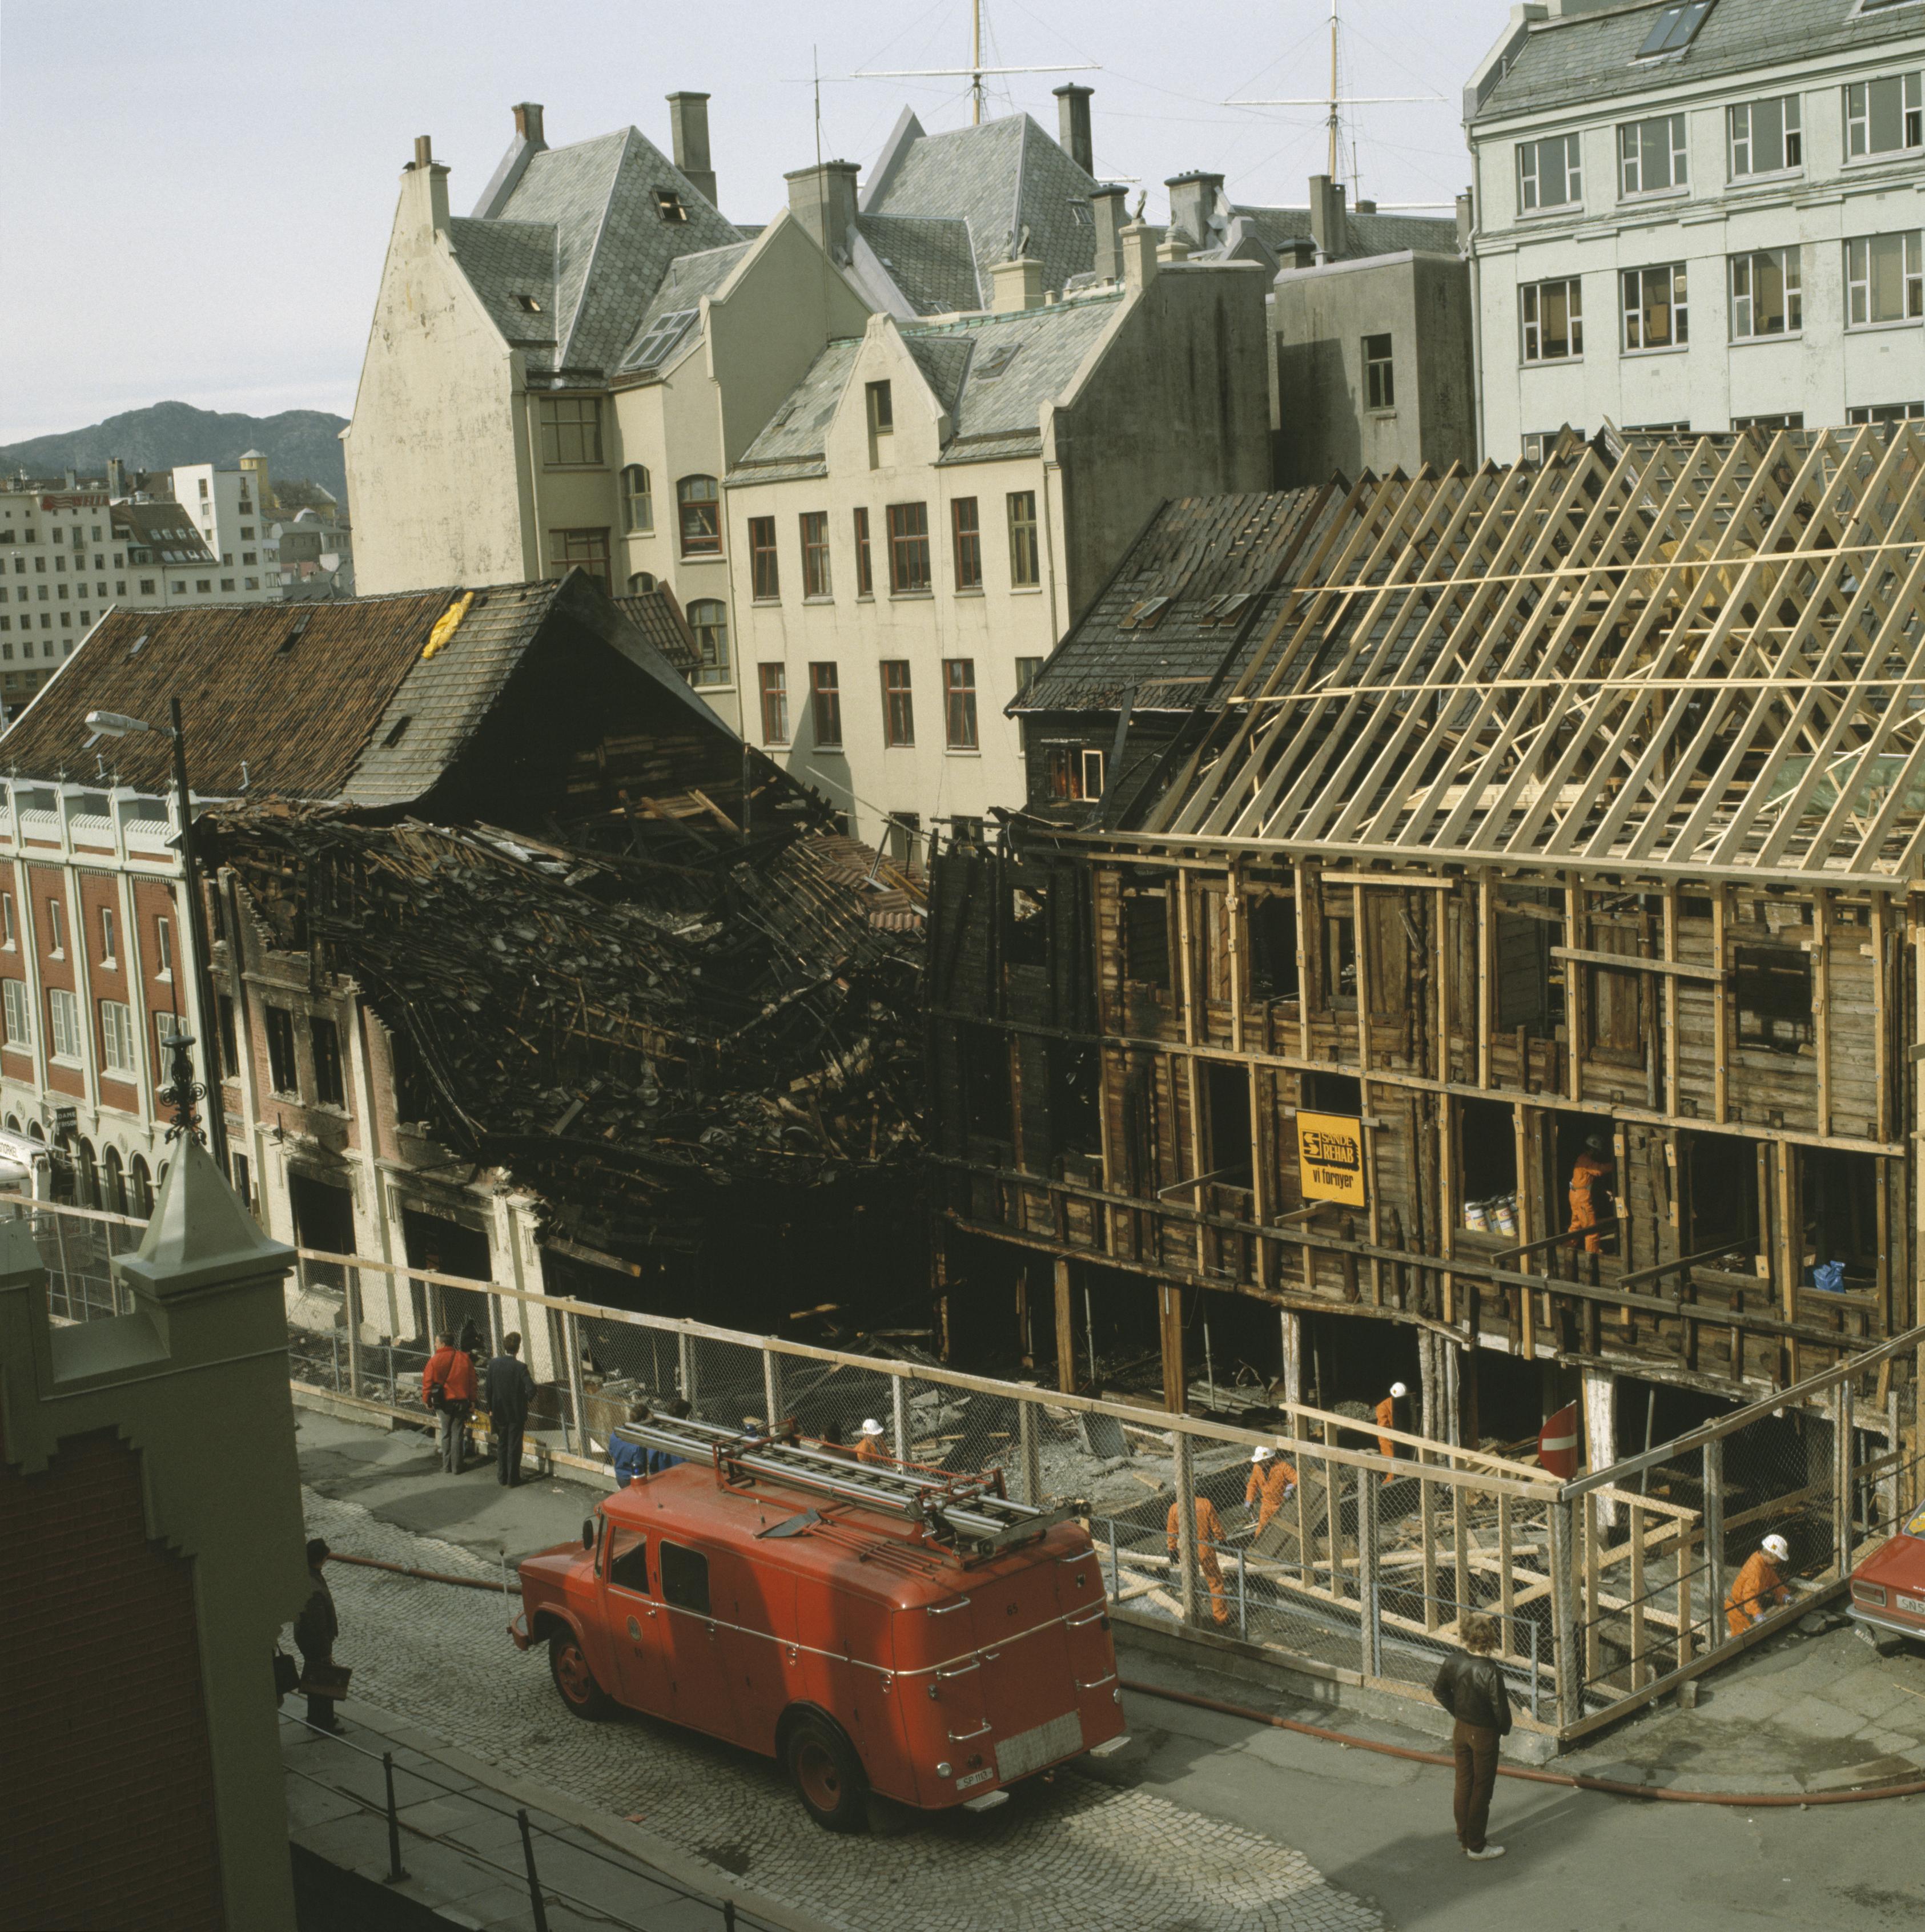 Etter brannen i Finnegården i 1982 Bryggen i Bergen. Foto Arve Kjersheim / Riksantikvaren